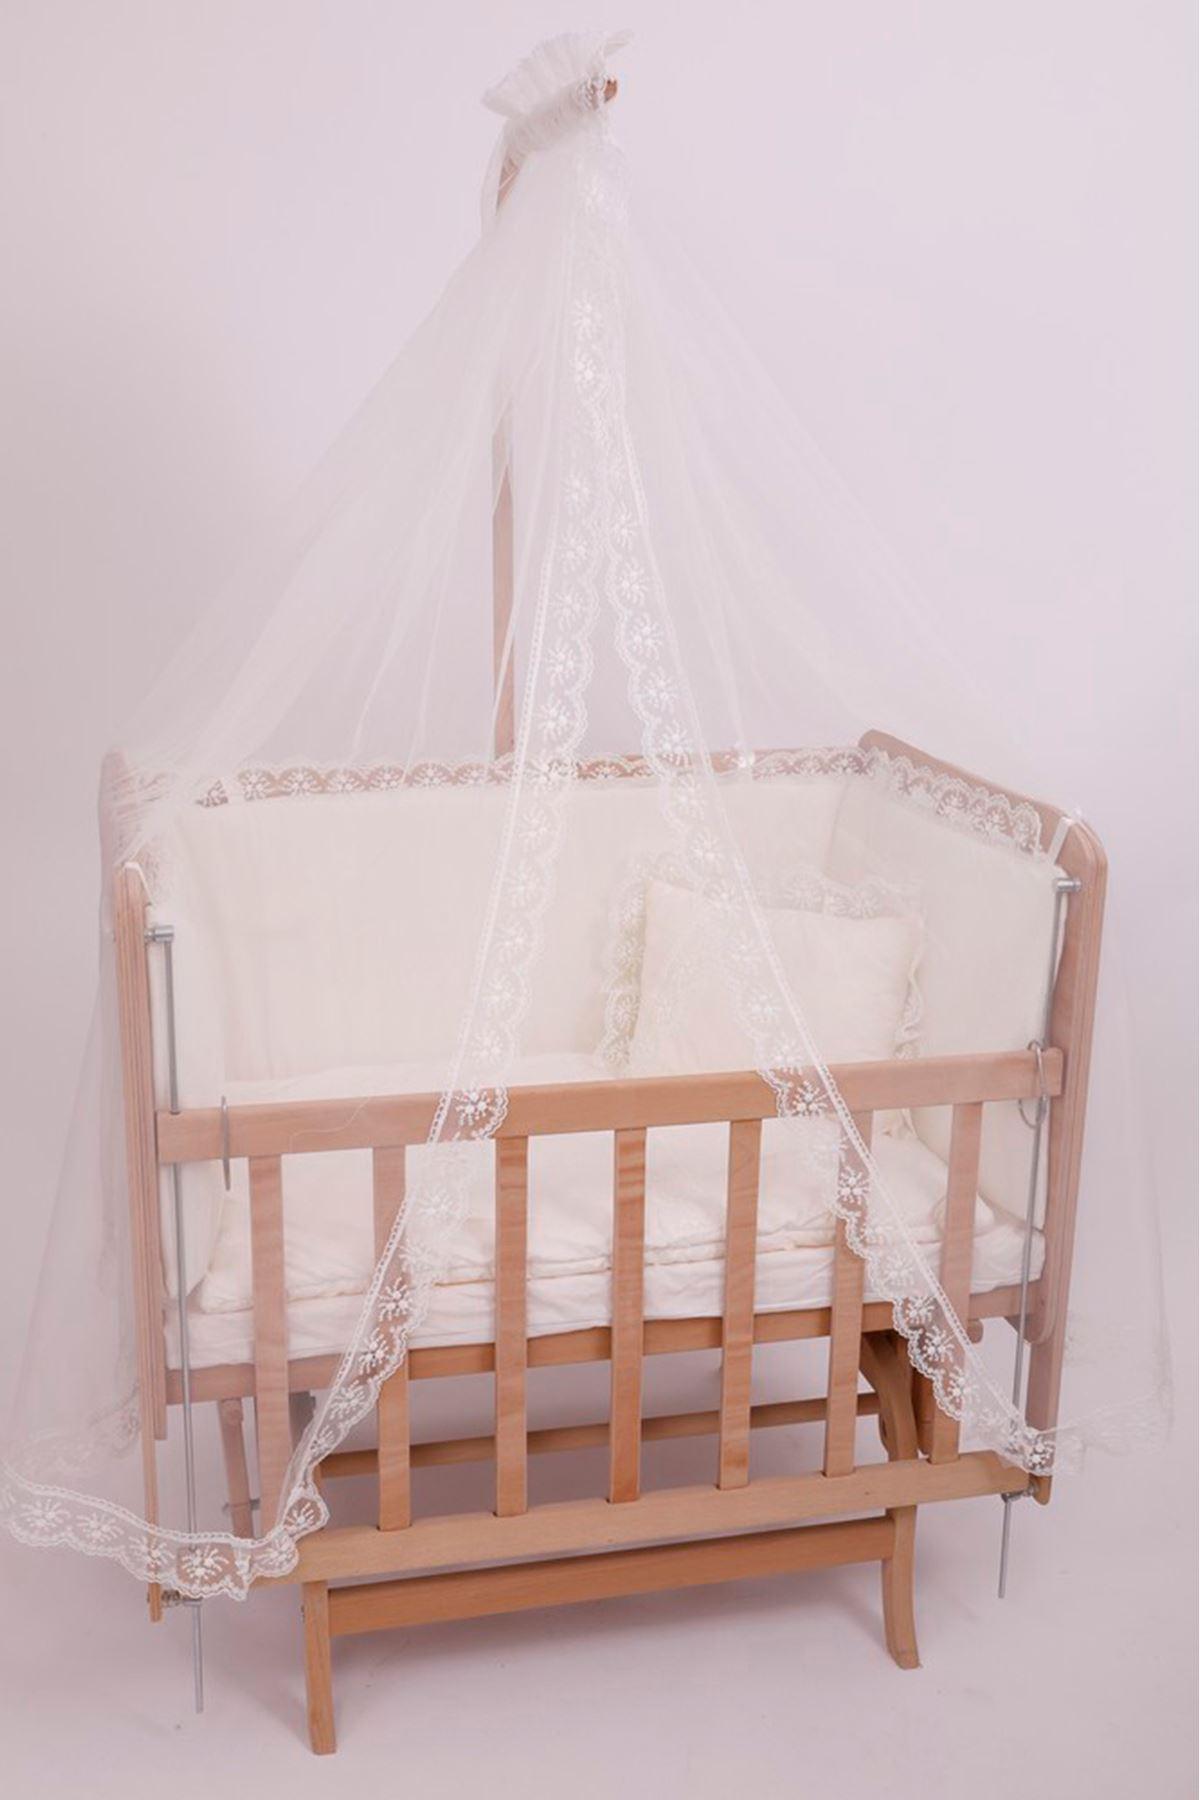 Krem Fransız Dantel Uyku Setli Asansörlü Doğal Anne yanı Beşik